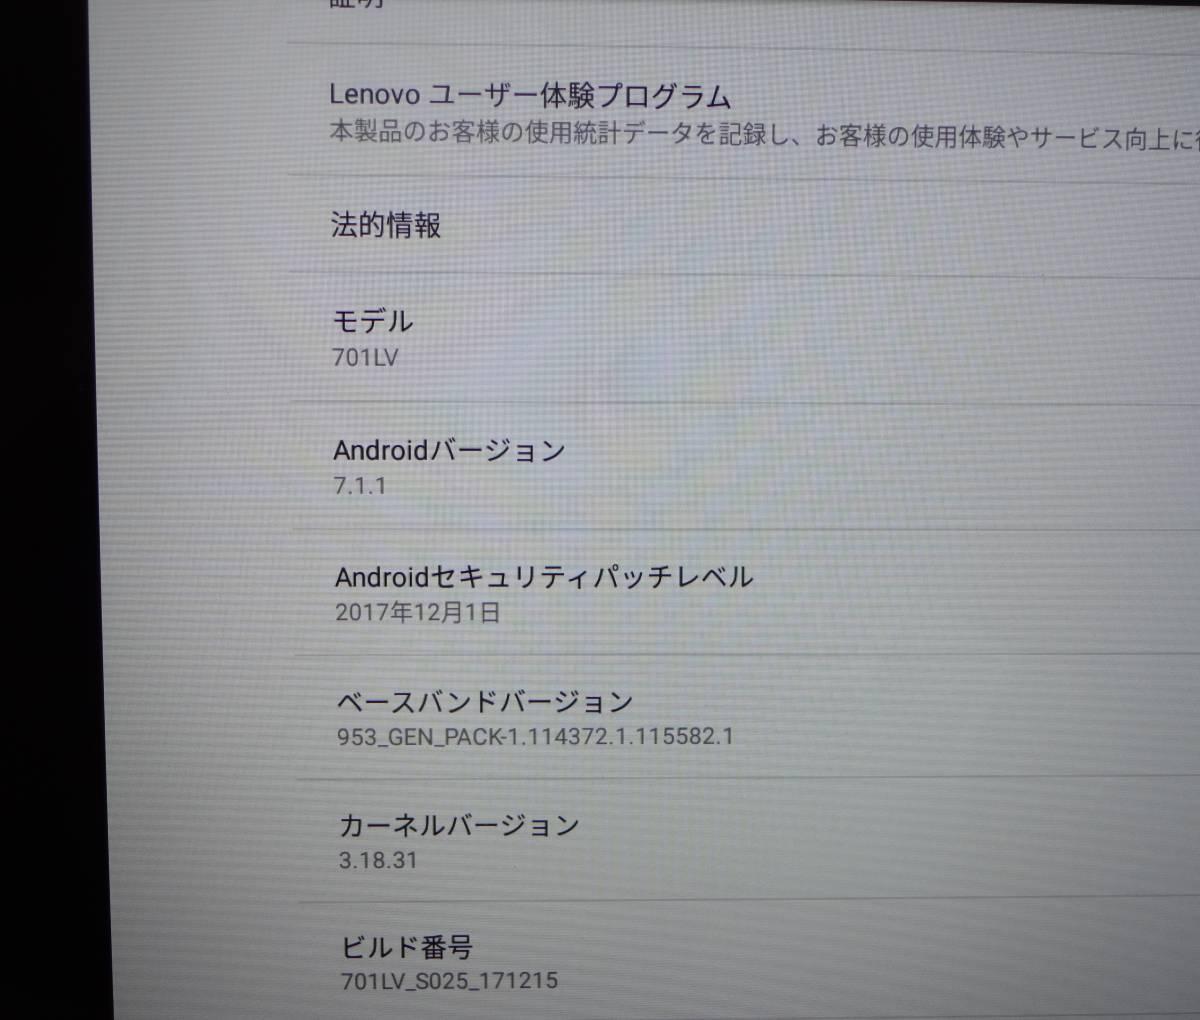 美品■ジャンク■ SoftBank Lenovo Tab4 701LV ブラック ○送料185円 U1562_画像2